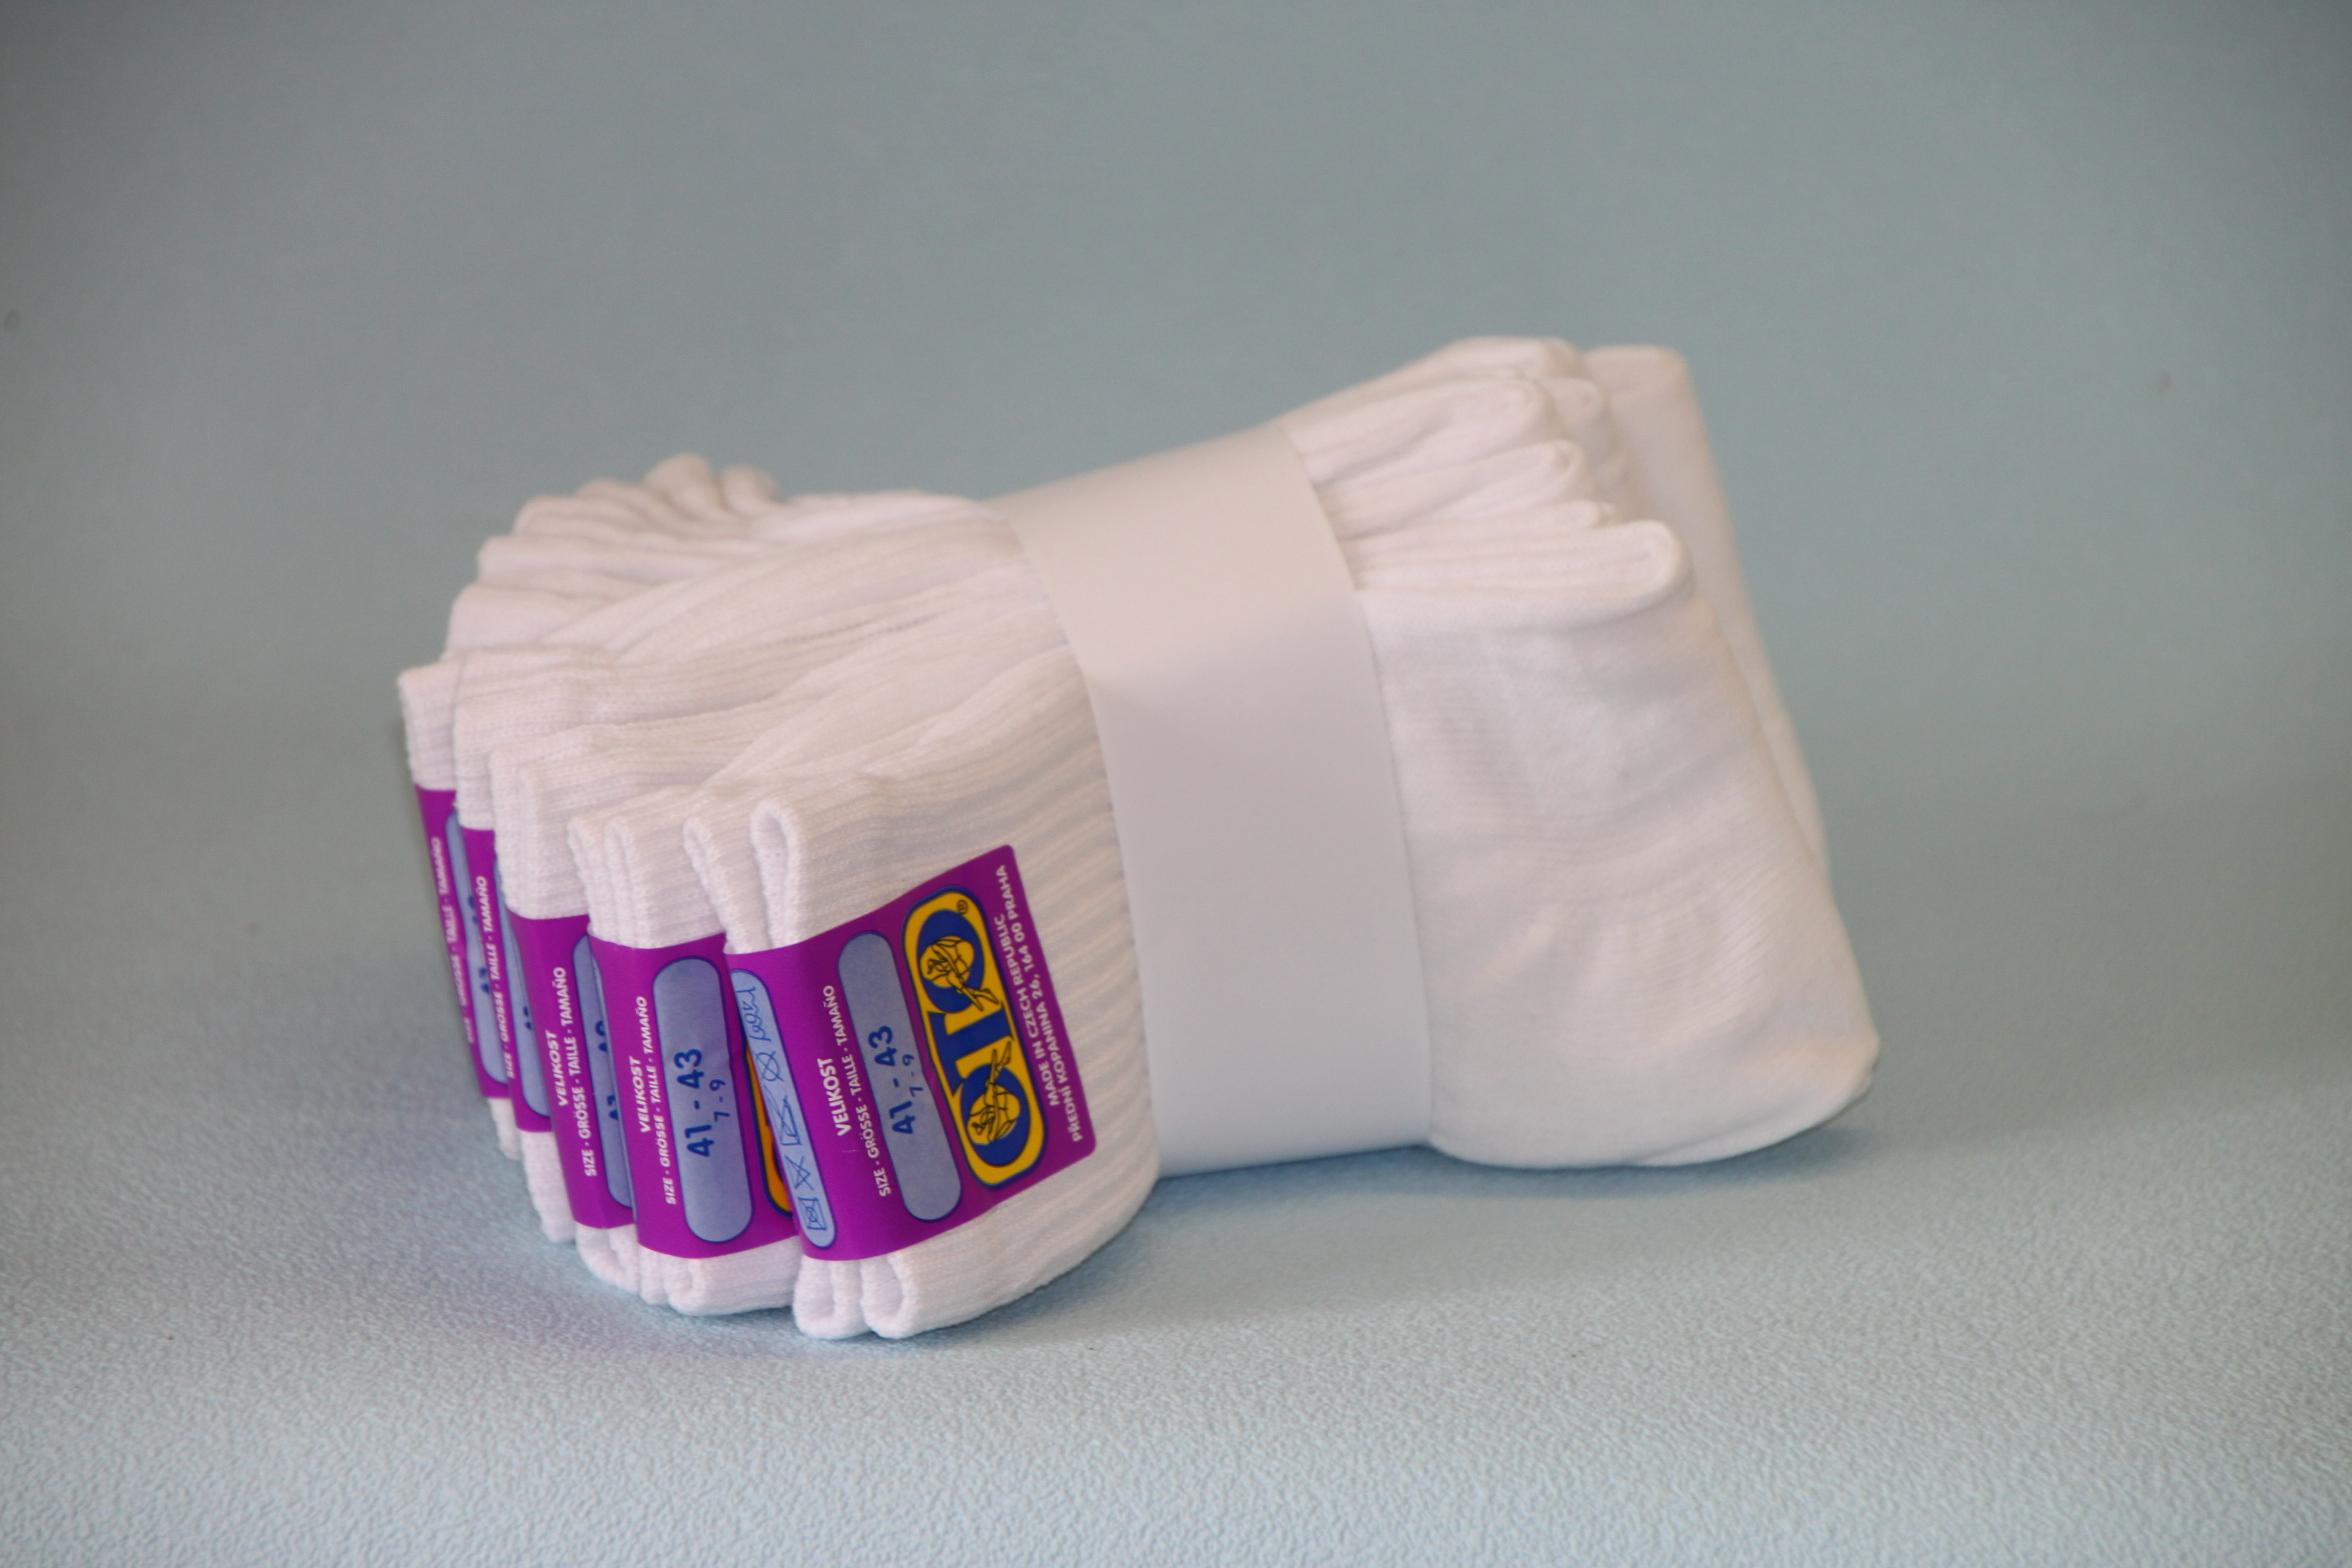 Výhodné balení! - 10x Ange hladké bílé